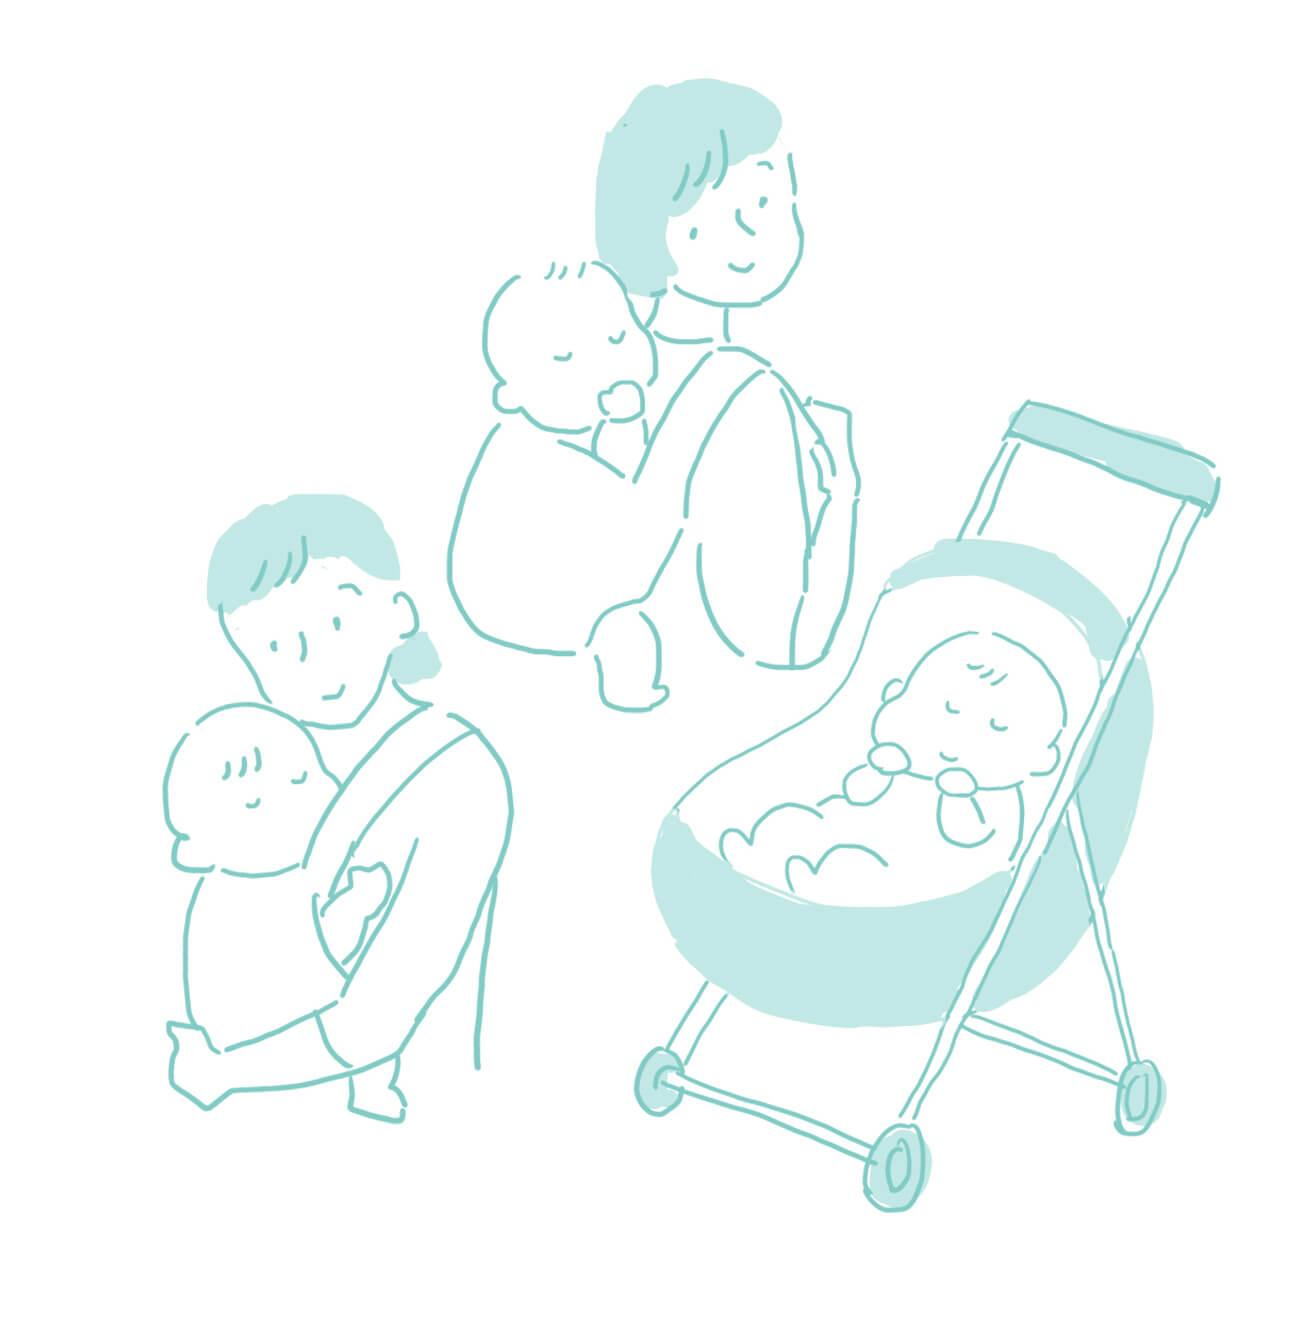 赤ちゃんとご参加の方へ